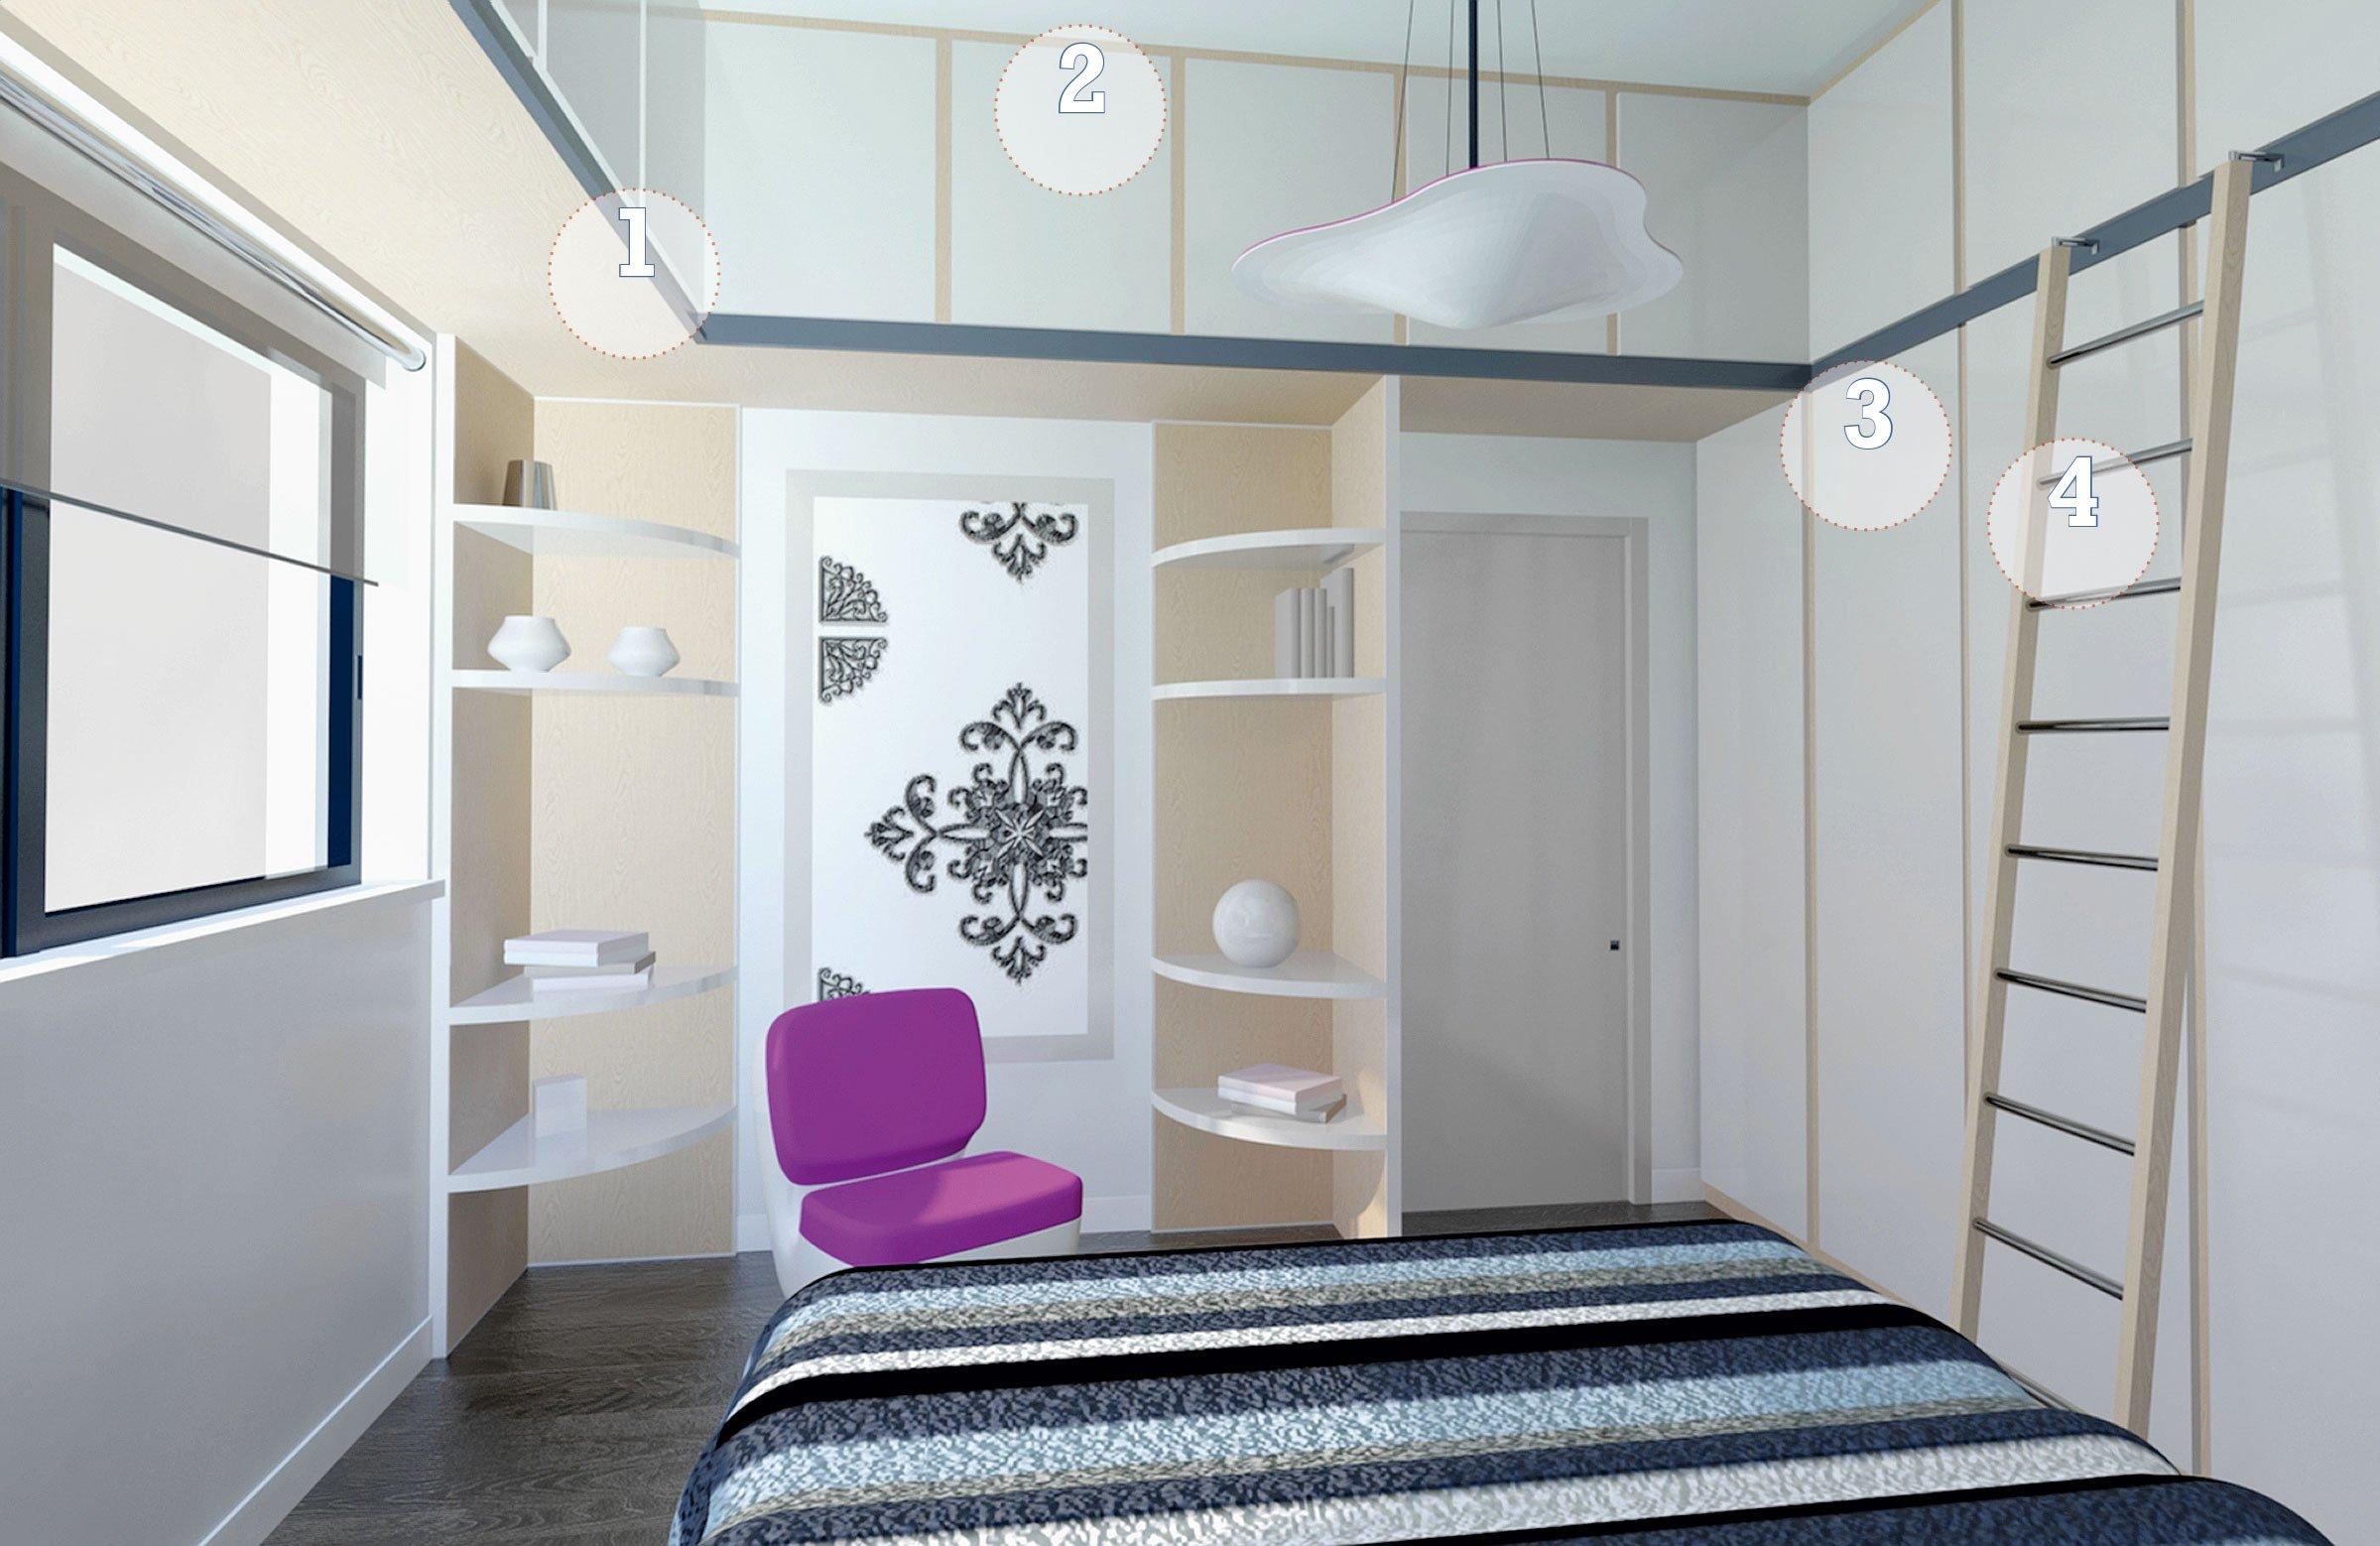 Camera da letto sfruttare l altezza per contenere cose for Arredare stanza piccola